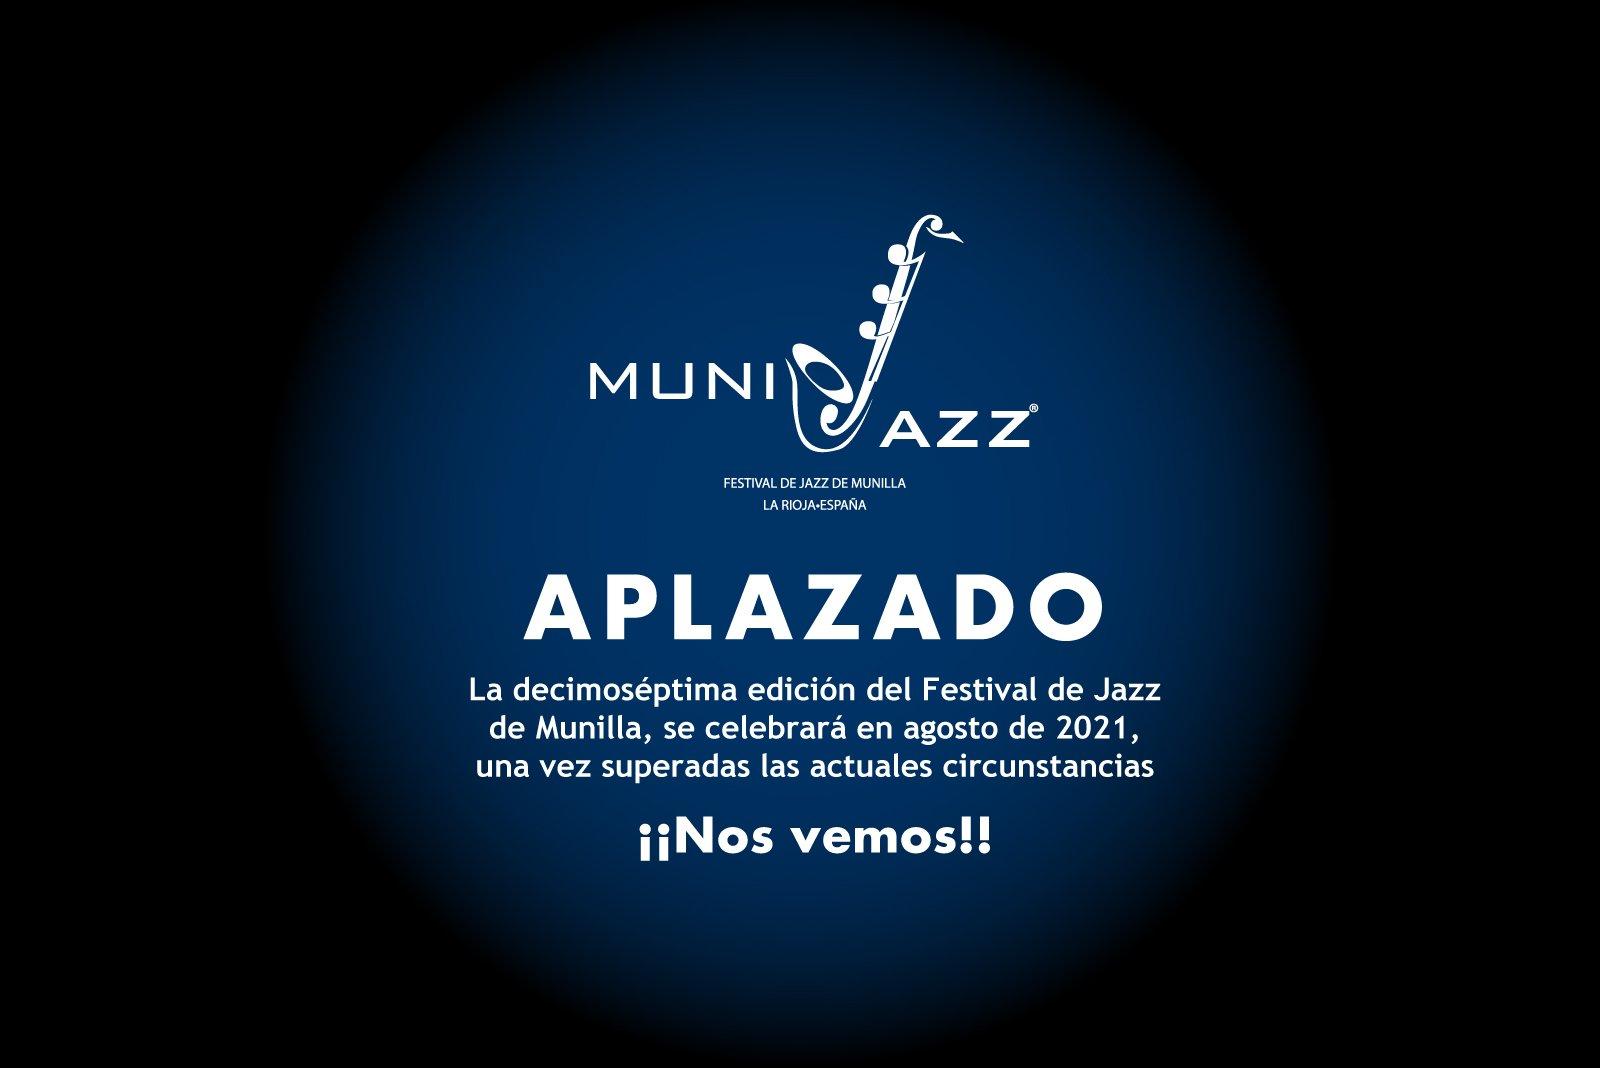 Festival Munijazz aplazado